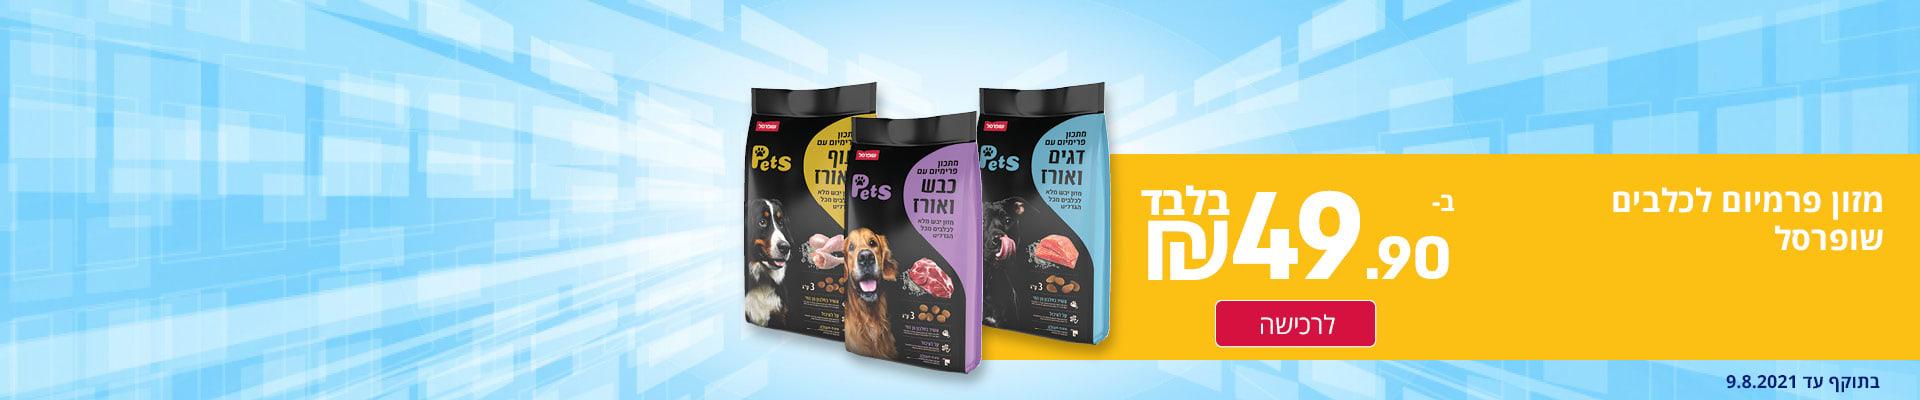 מזון פרמיום לכלבים שופרסל ב- 49.90 ₪ בלבד לרכישה בתוקף עד 9.8.2021